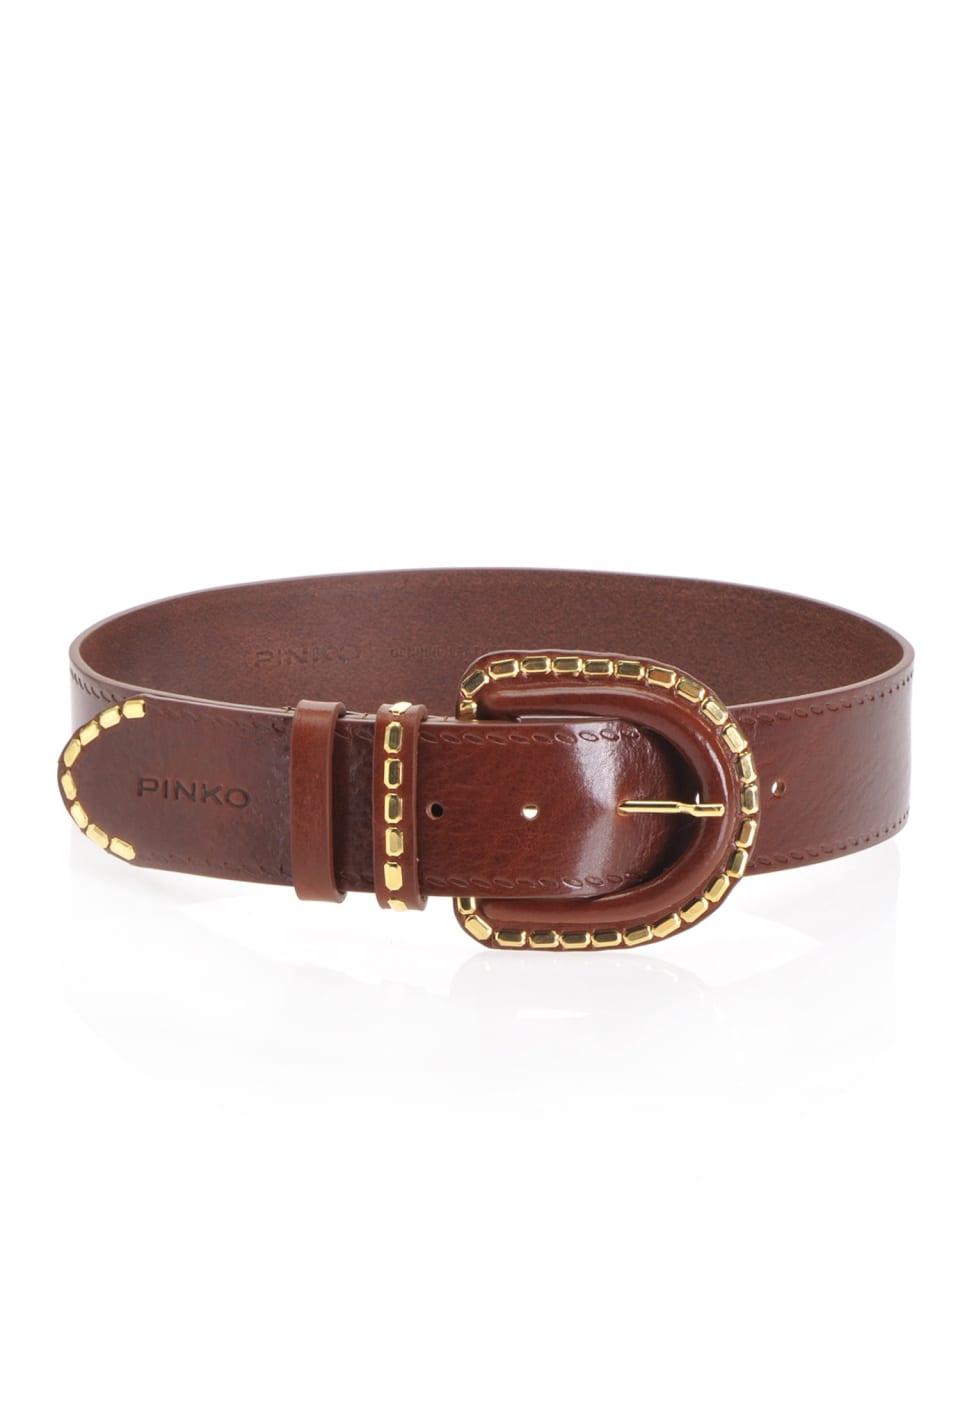 Cinturón con tachas rectangulares - Pinko